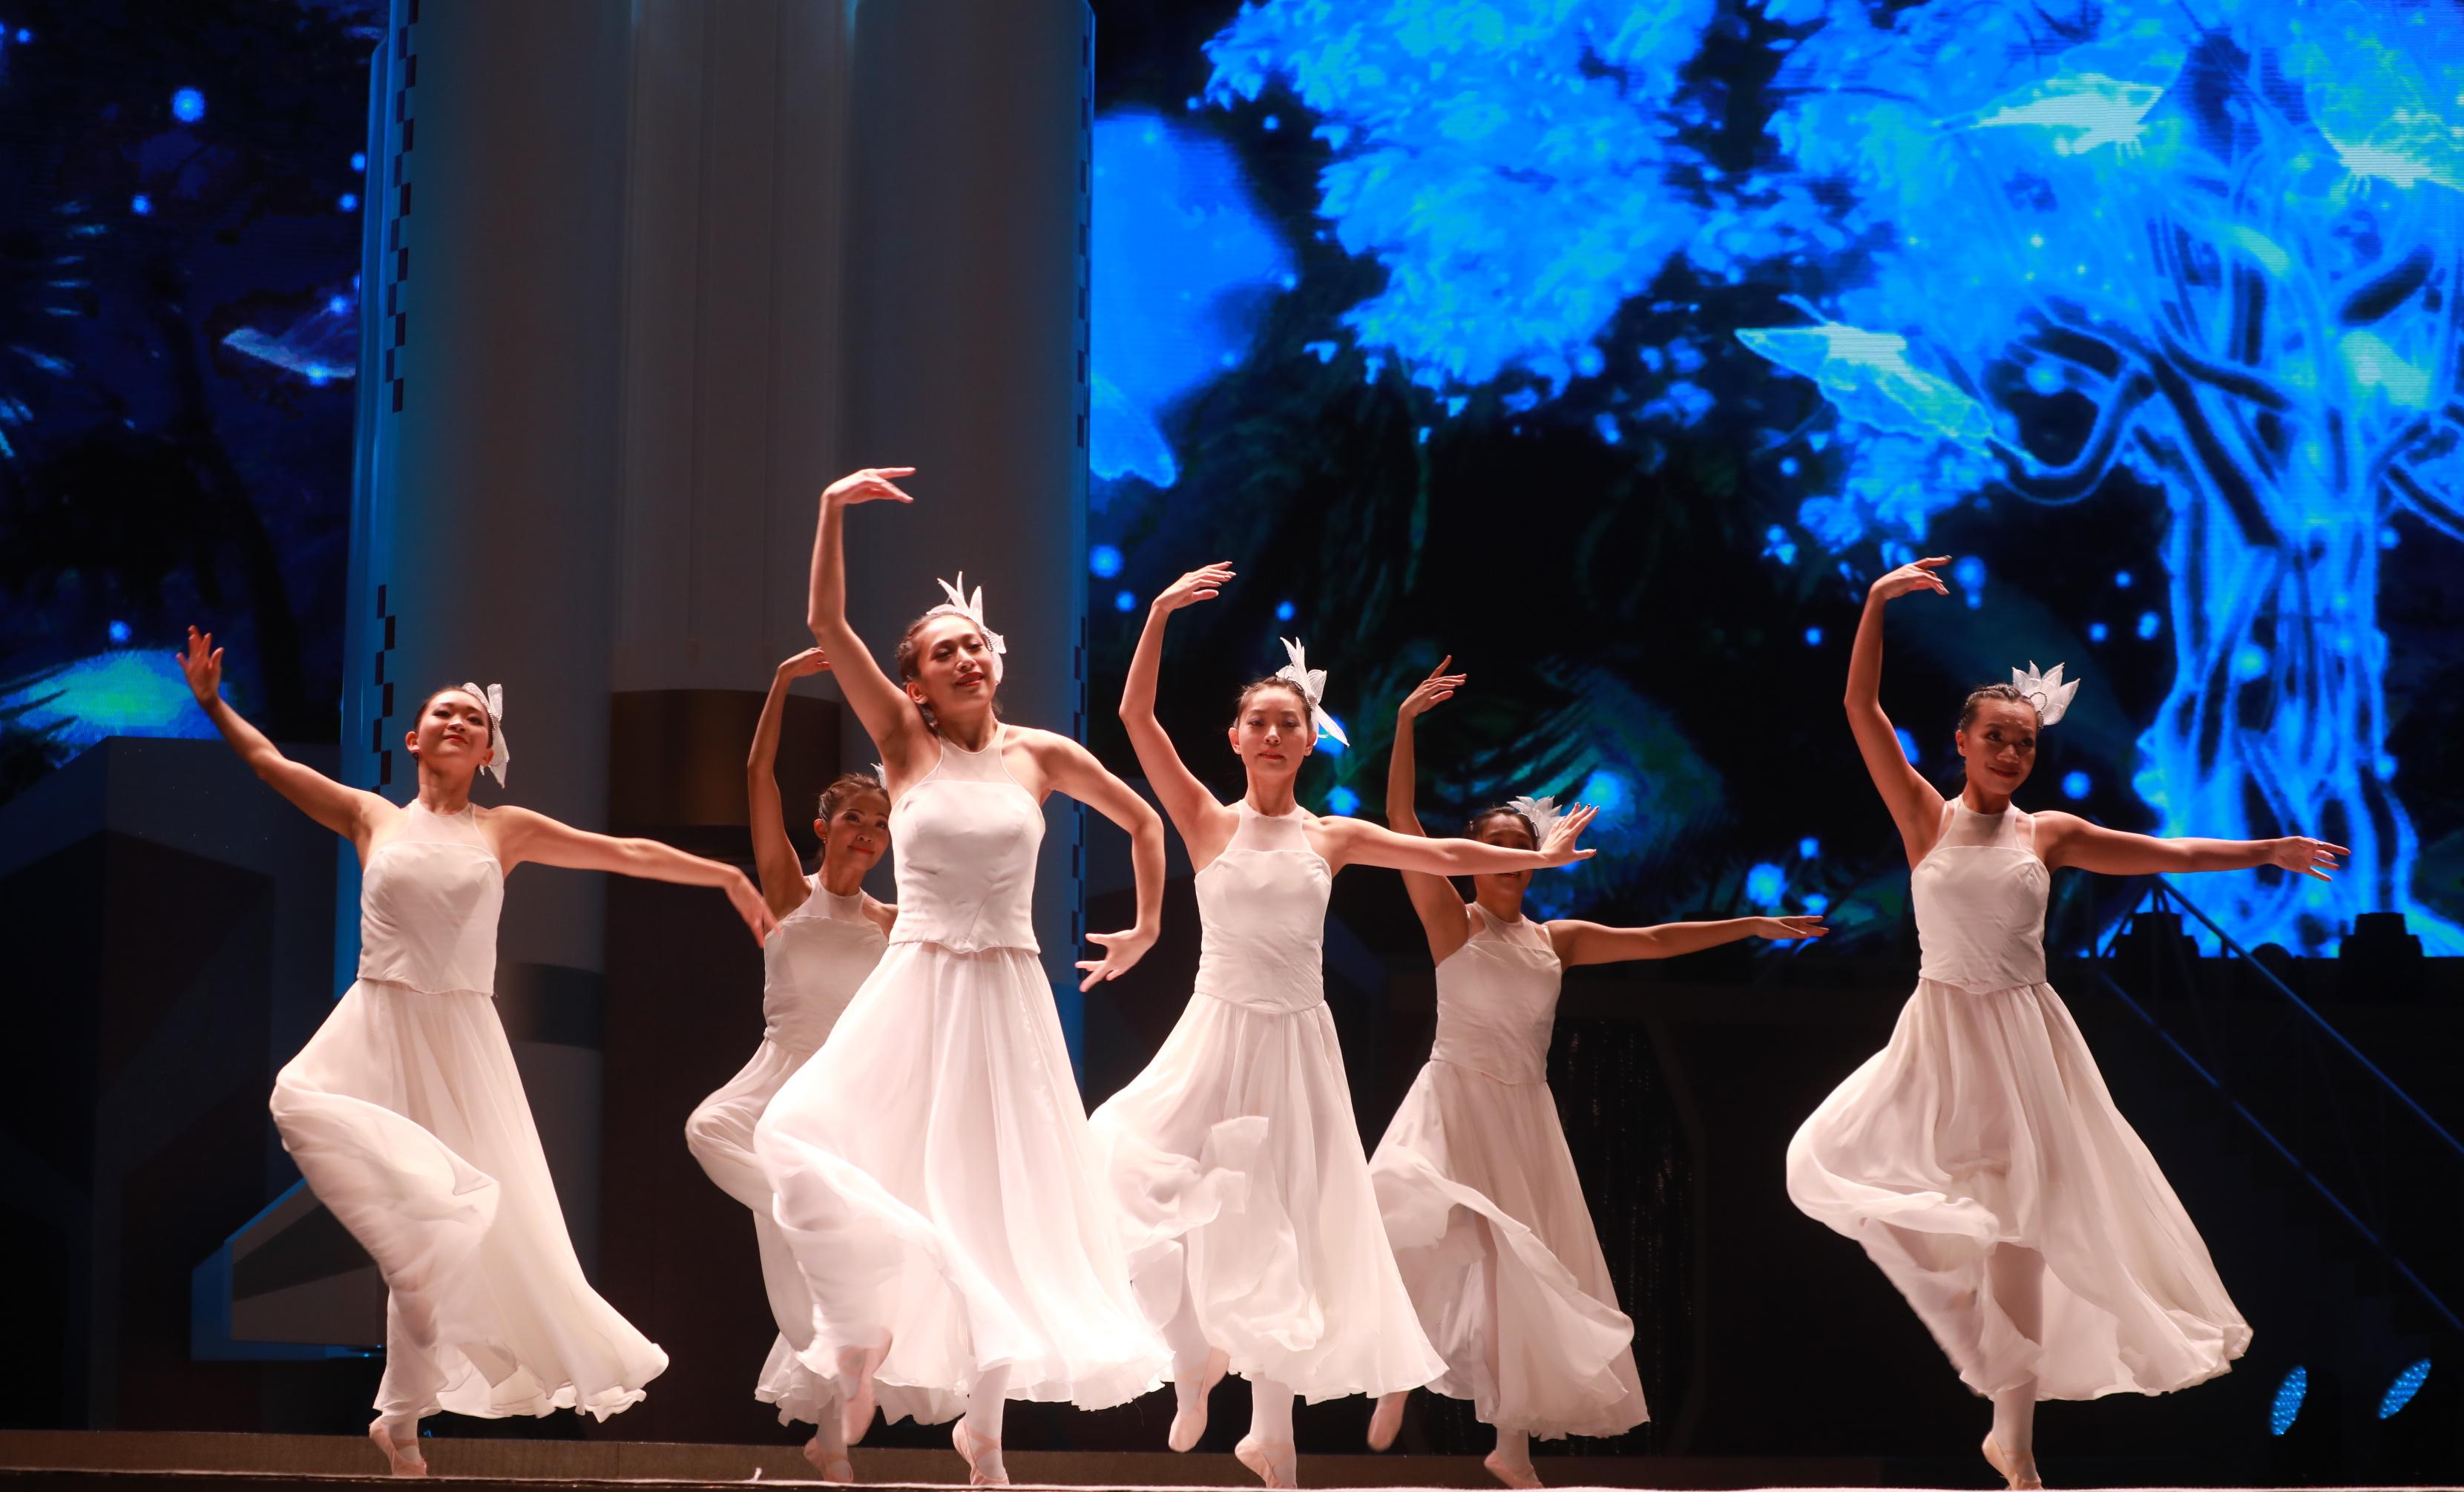 多位知名紅星及不同團體支持參與演出,以音樂、舞蹈、歌唱等形式為觀眾獻上精彩表演,為香港注入正能量。(大公文匯全媒體記者攝)